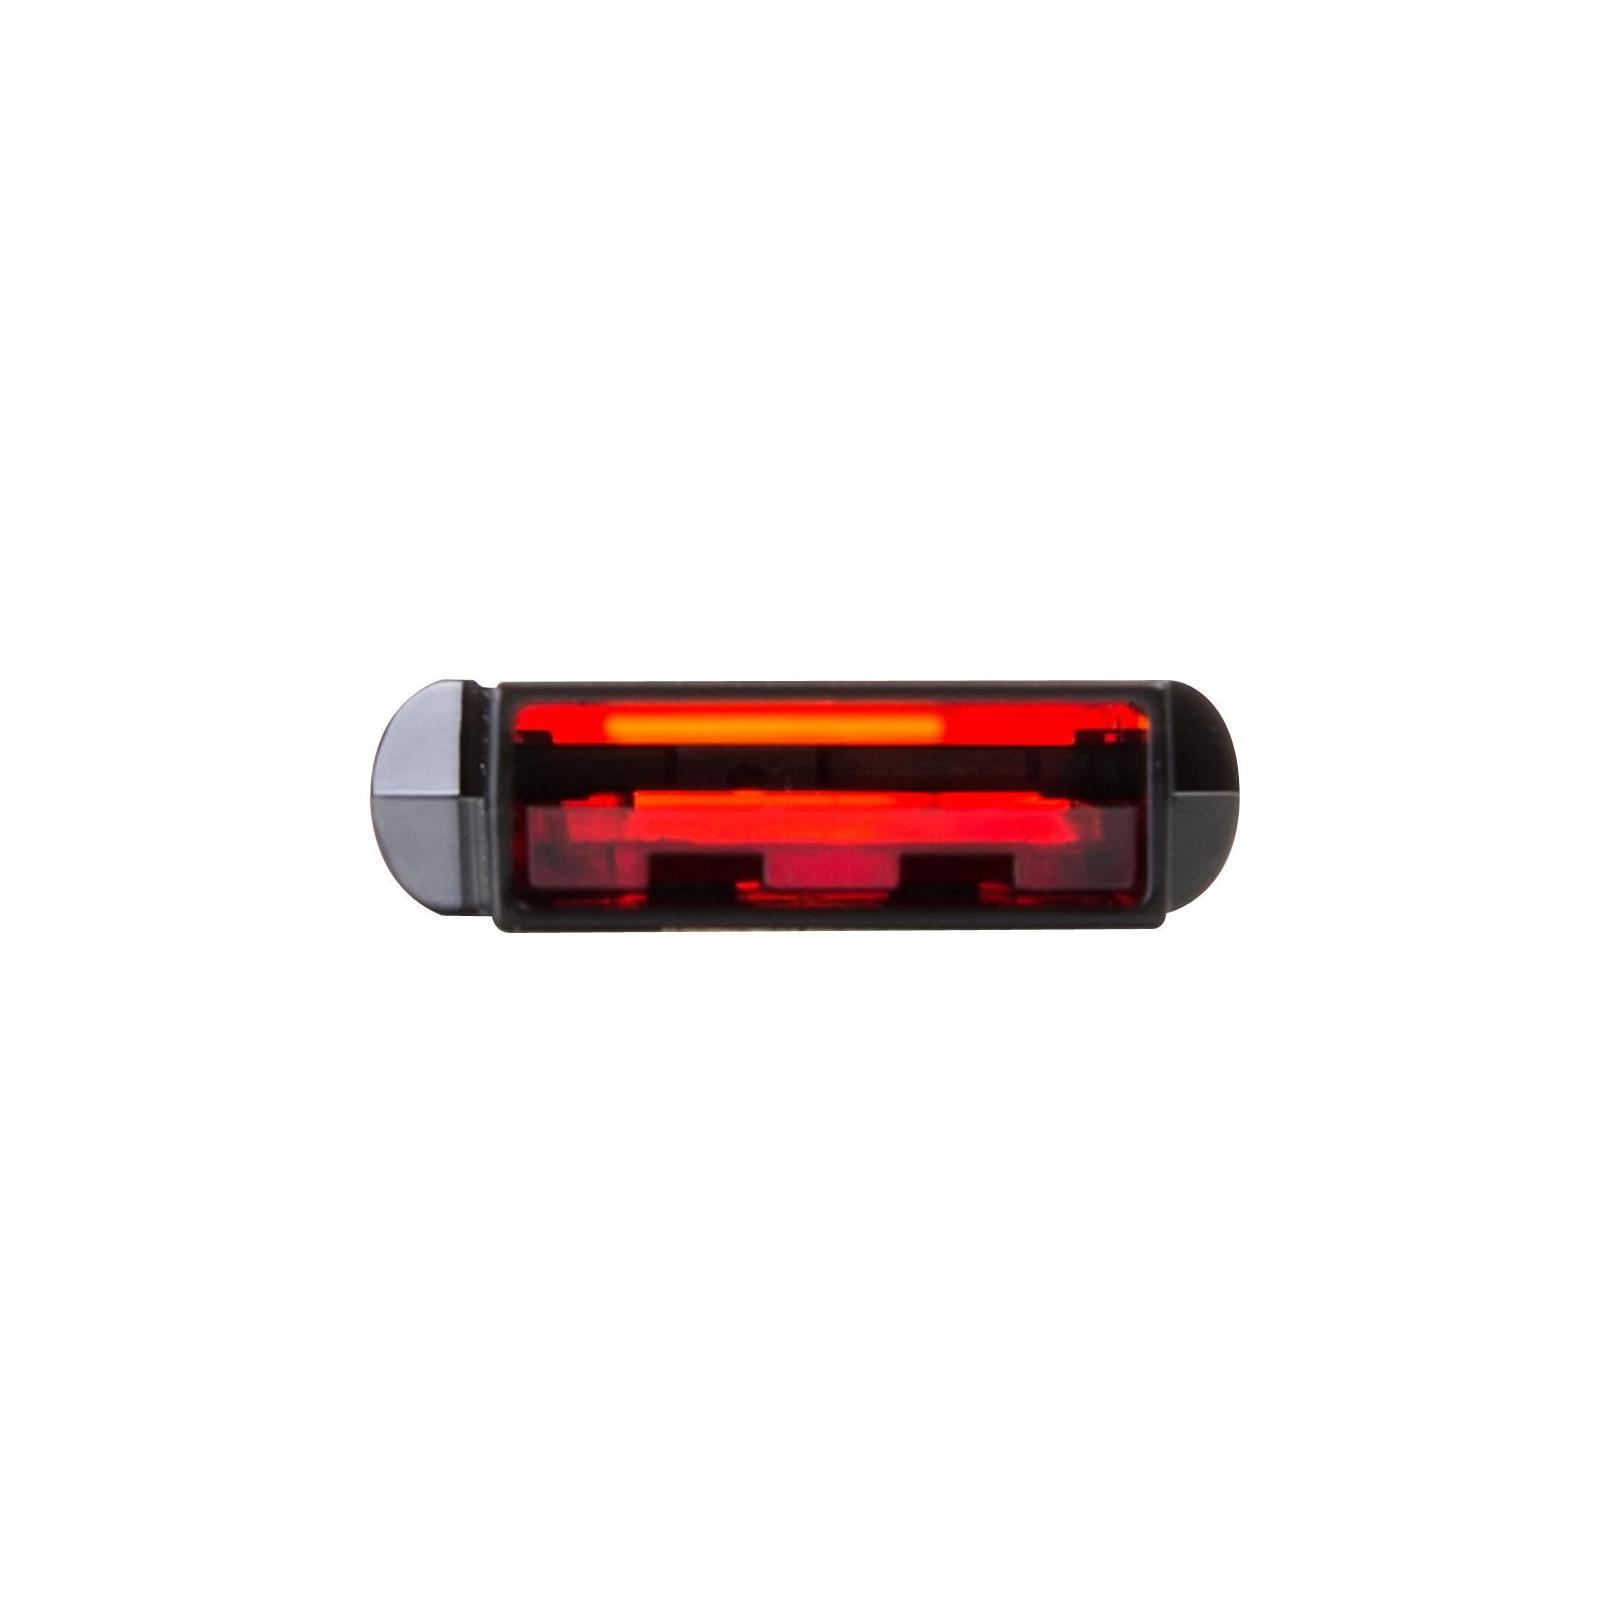 USB флеш накопитель Transcend 32GB JetFlash 310 Black USB 2.0 (TS32GJF310) изображение 5